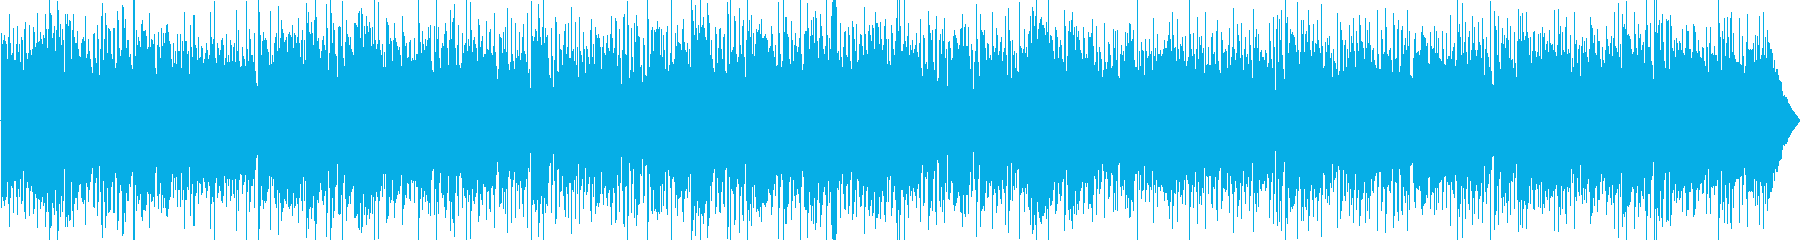 フュージョンジャズ、おしゃれなエレピ中心の再生済みの波形